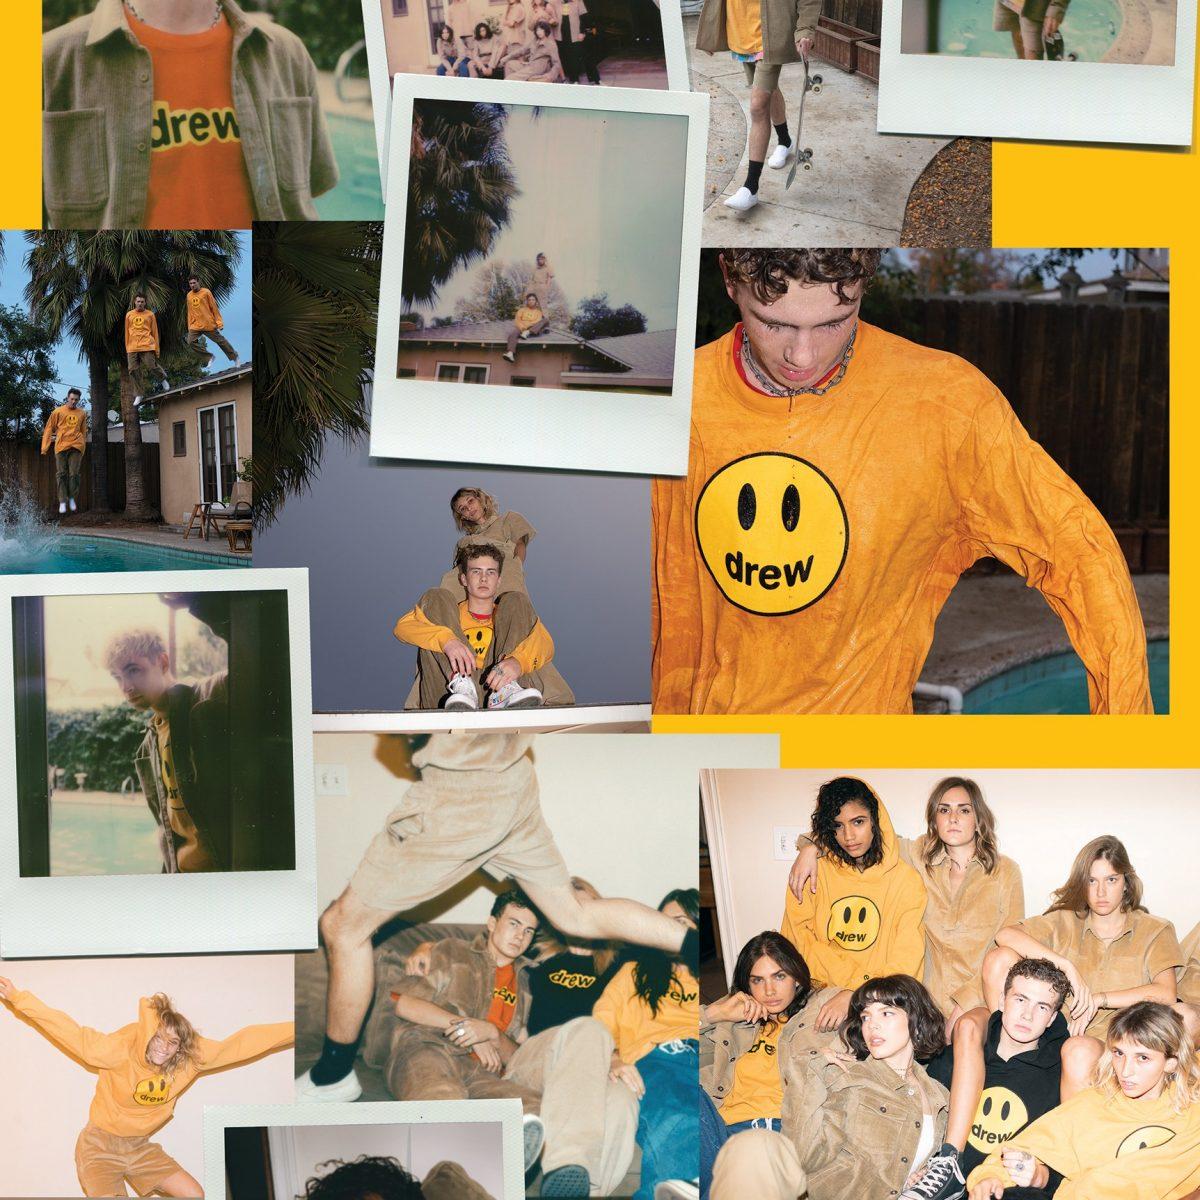 drew house colecao inaugural 05 - Justin Bieber lança sua marca própria de streetwear